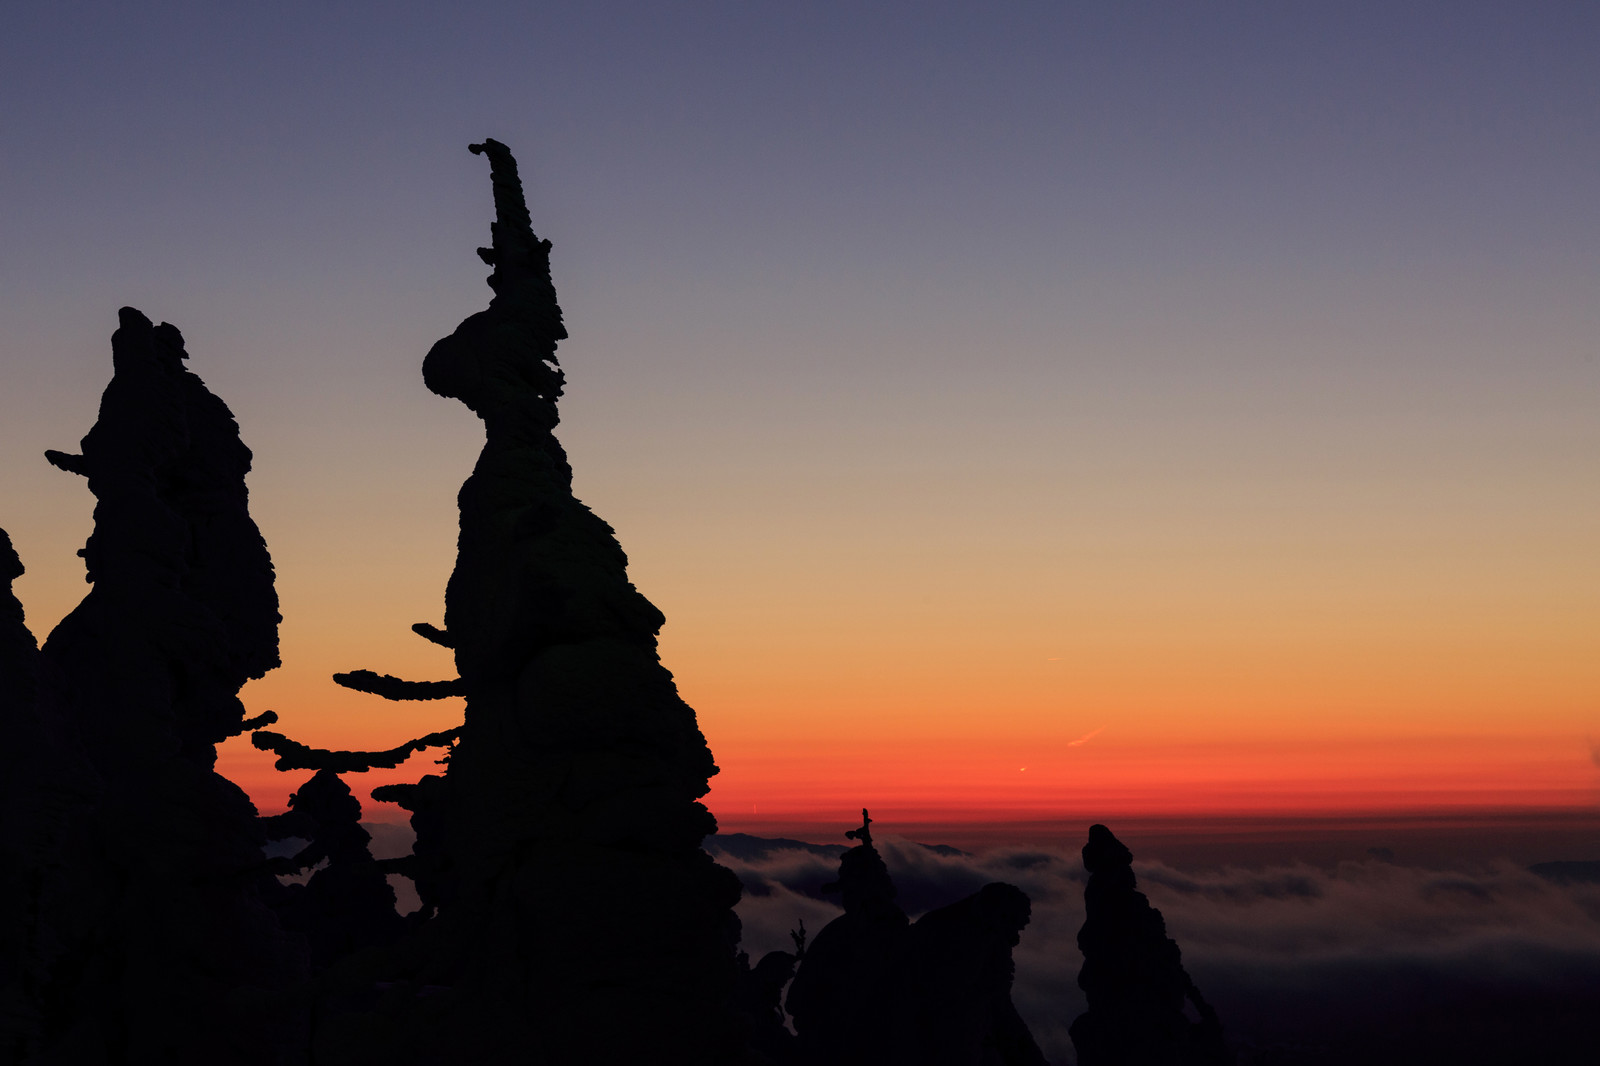 「樹氷のシルエット(夕暮れ) | 写真の無料素材・フリー素材 - ぱくたそ」の写真